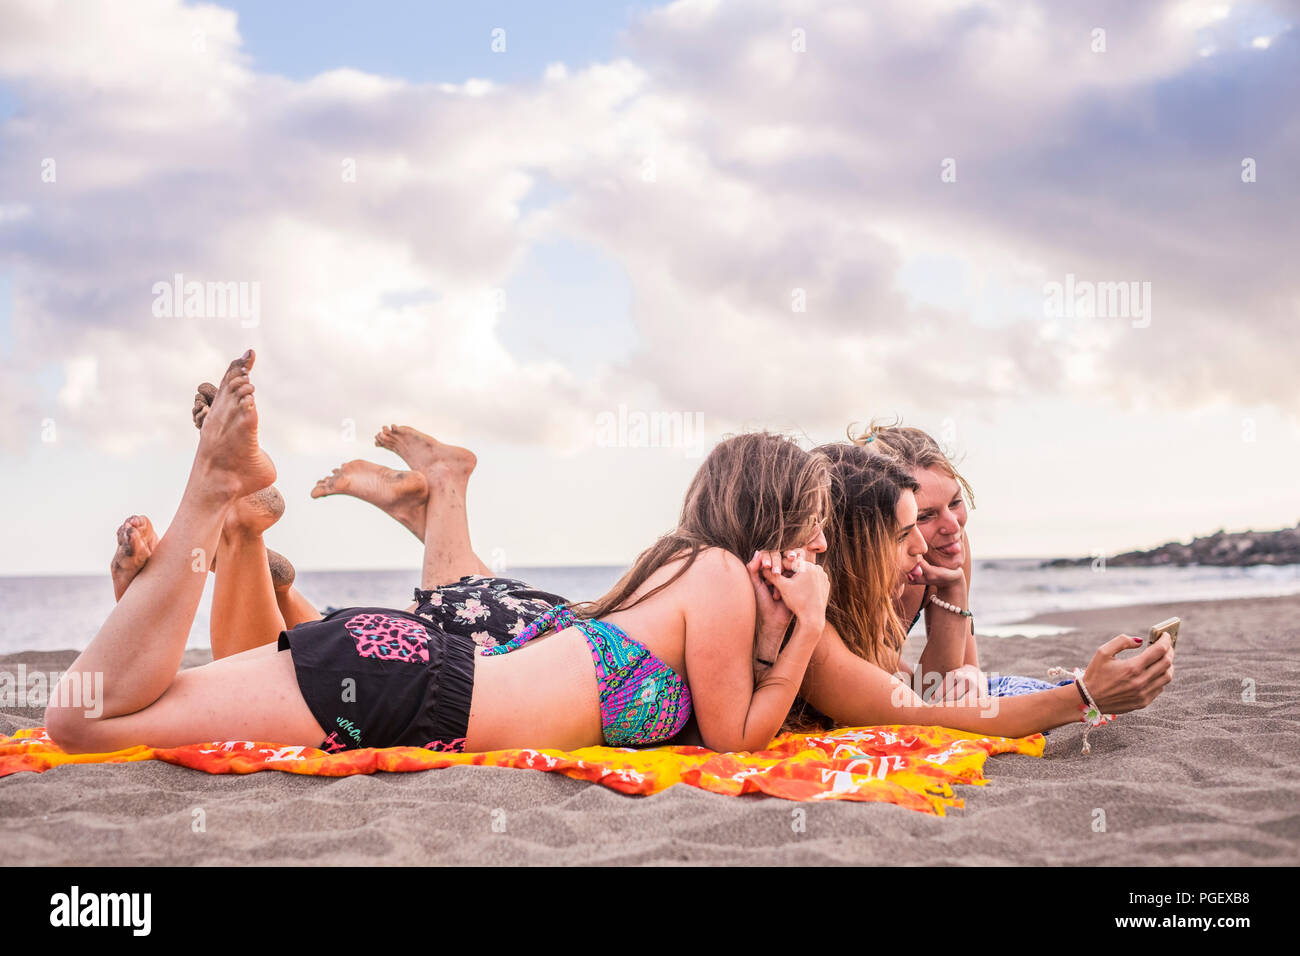 Sommer, Urlaub, Ferien, Technologie und Glück Konzept - Gruppe der lächelnde Menschen mit Sonnenbrille mit Smartphone am Strand. happin Stockbild